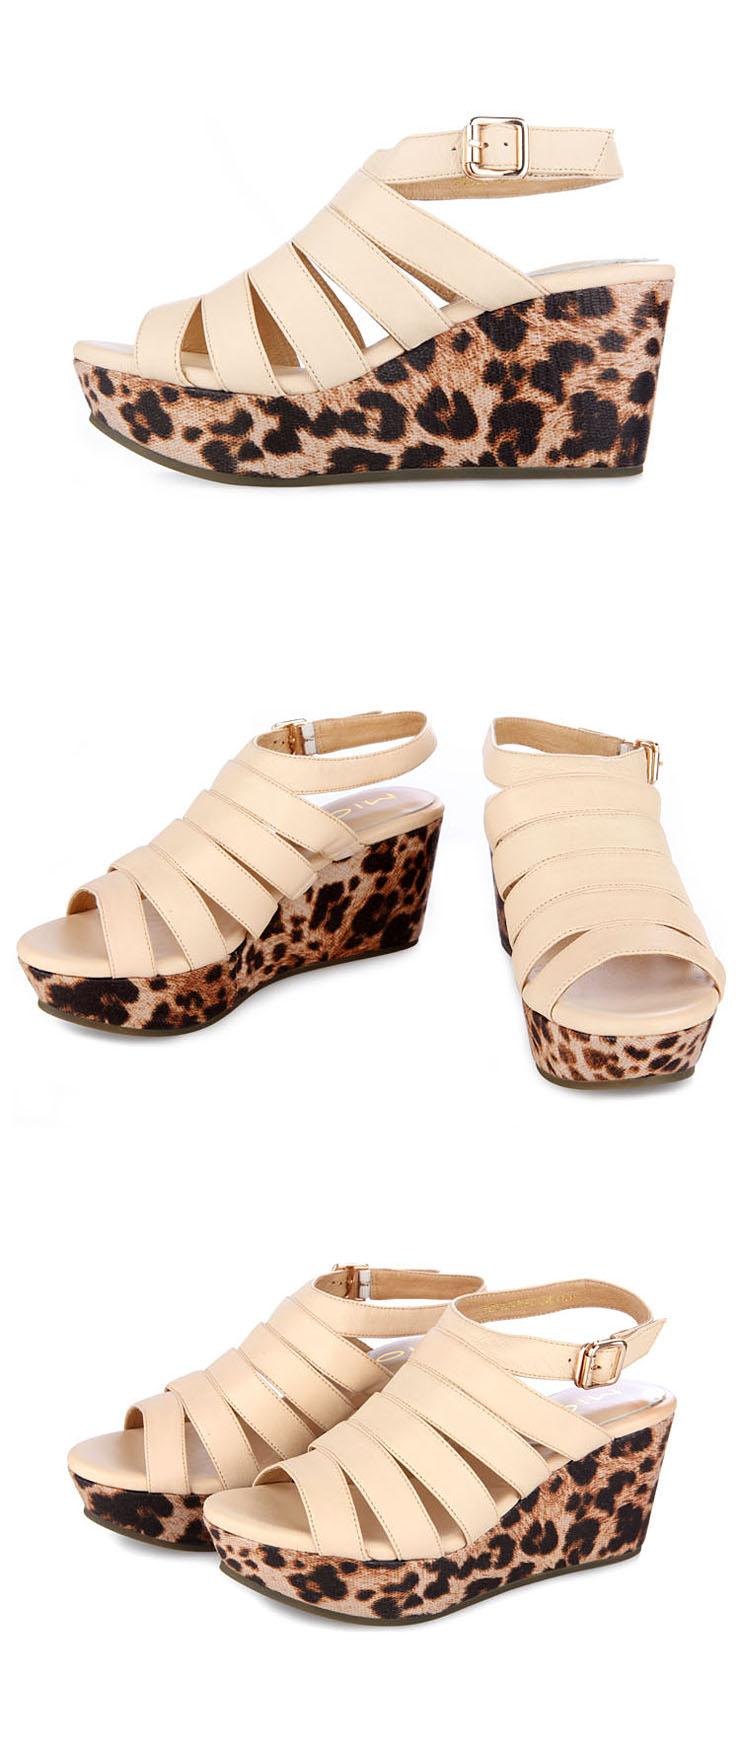 绒面罗马款豹纹厚底女凉鞋